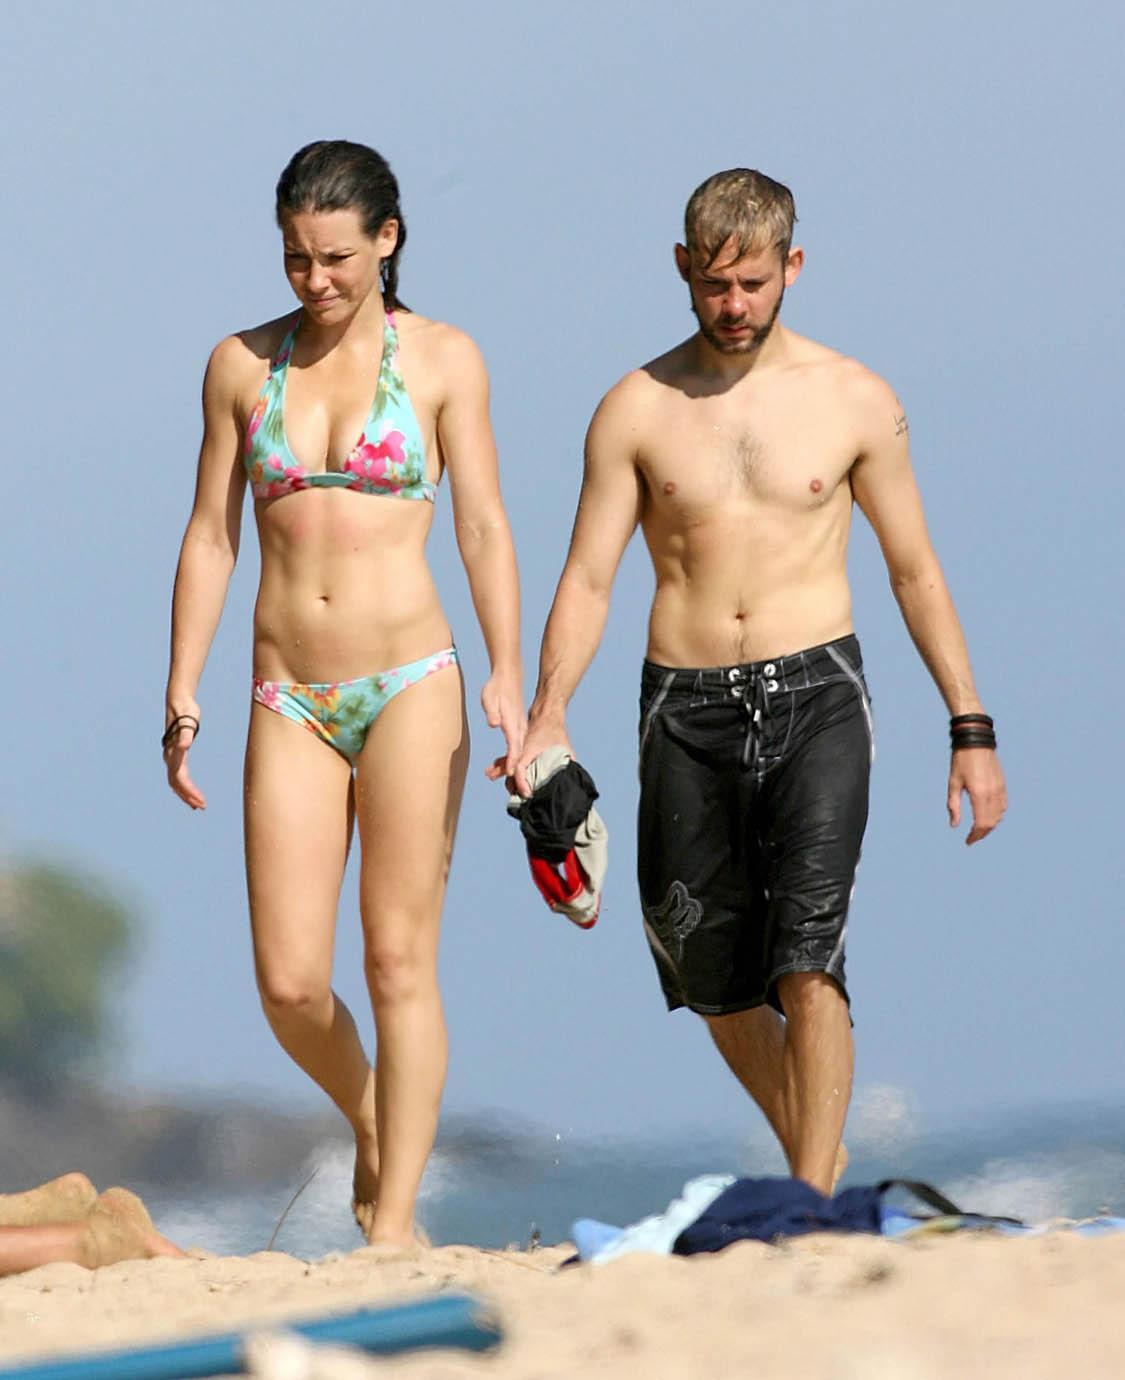 http://2.bp.blogspot.com/-ndYniAY32zM/T7lF4p6vWnI/AAAAAAAAFoo/VUiAItHAq6Y/s1600/evangeline_lilly_bikini_surf_2_big.jpg